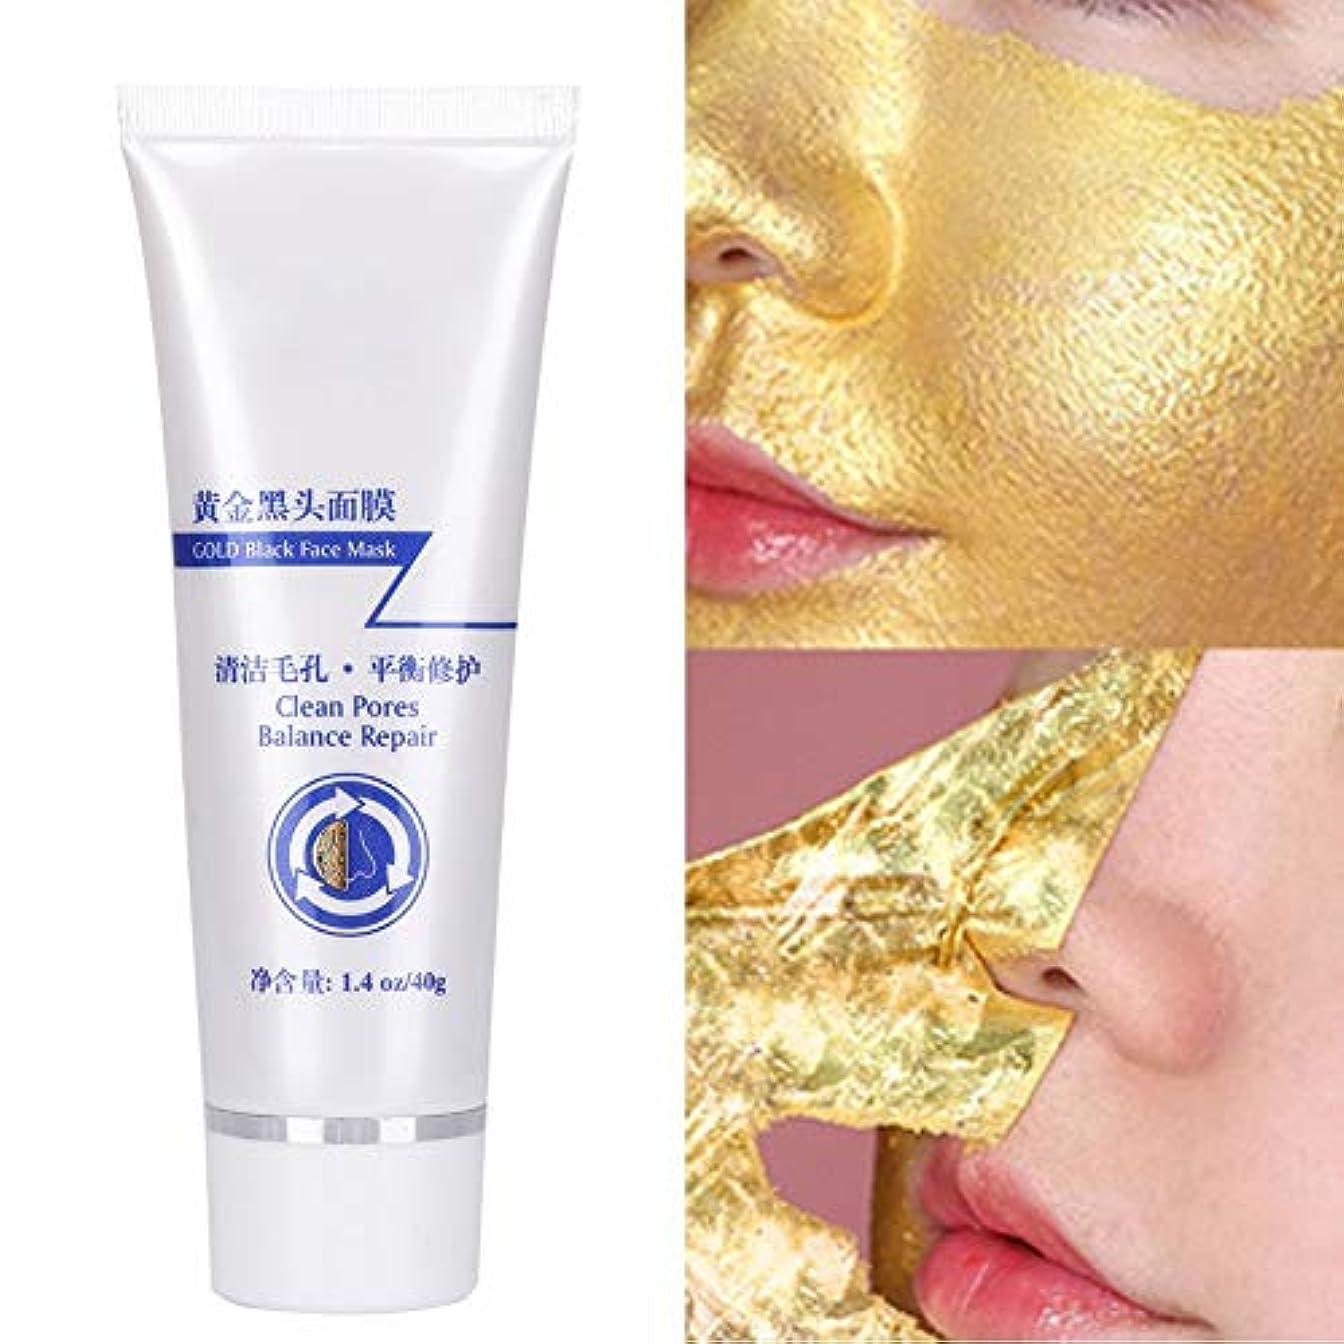 食物皮肉な修正する40g クリーニング オフフェイス マスク ポアクリーニングリペアマスク